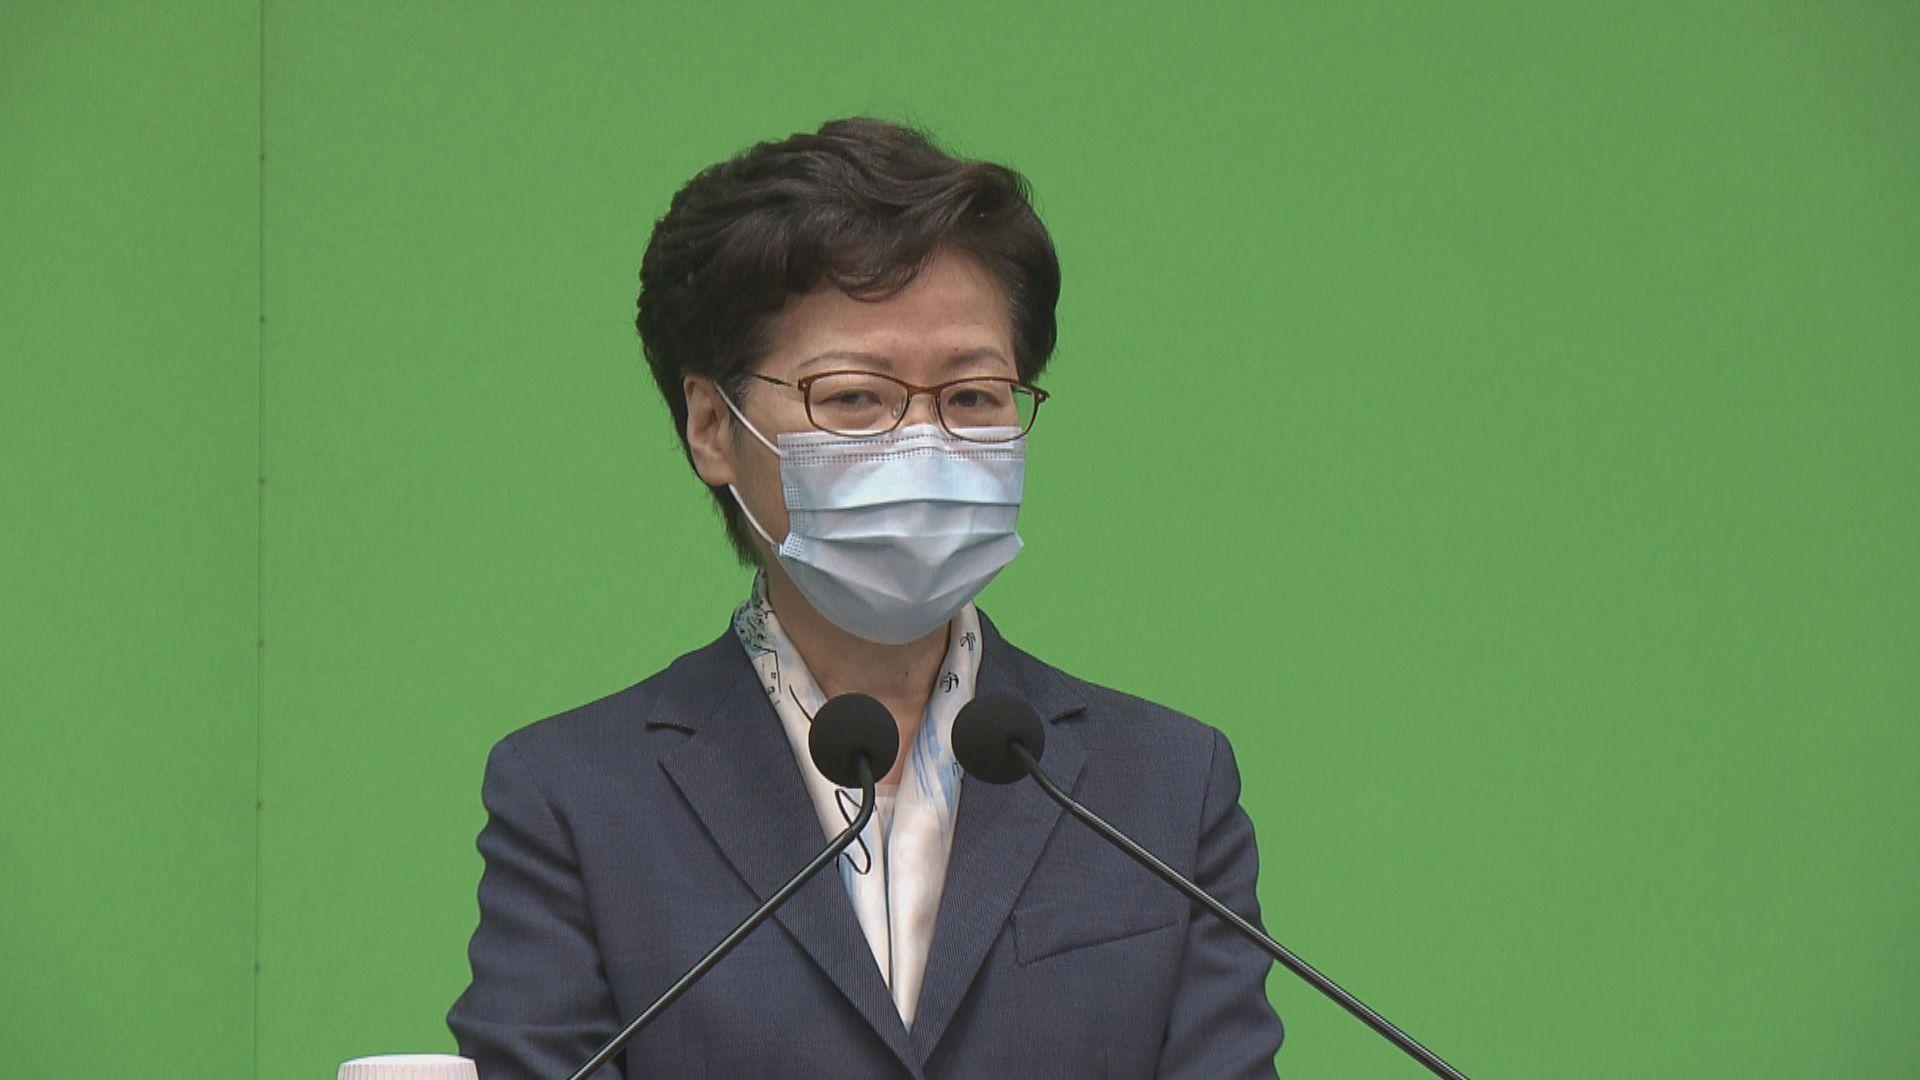 林鄭盼周五內會解決停擺局面 籲民主派回頭是岸